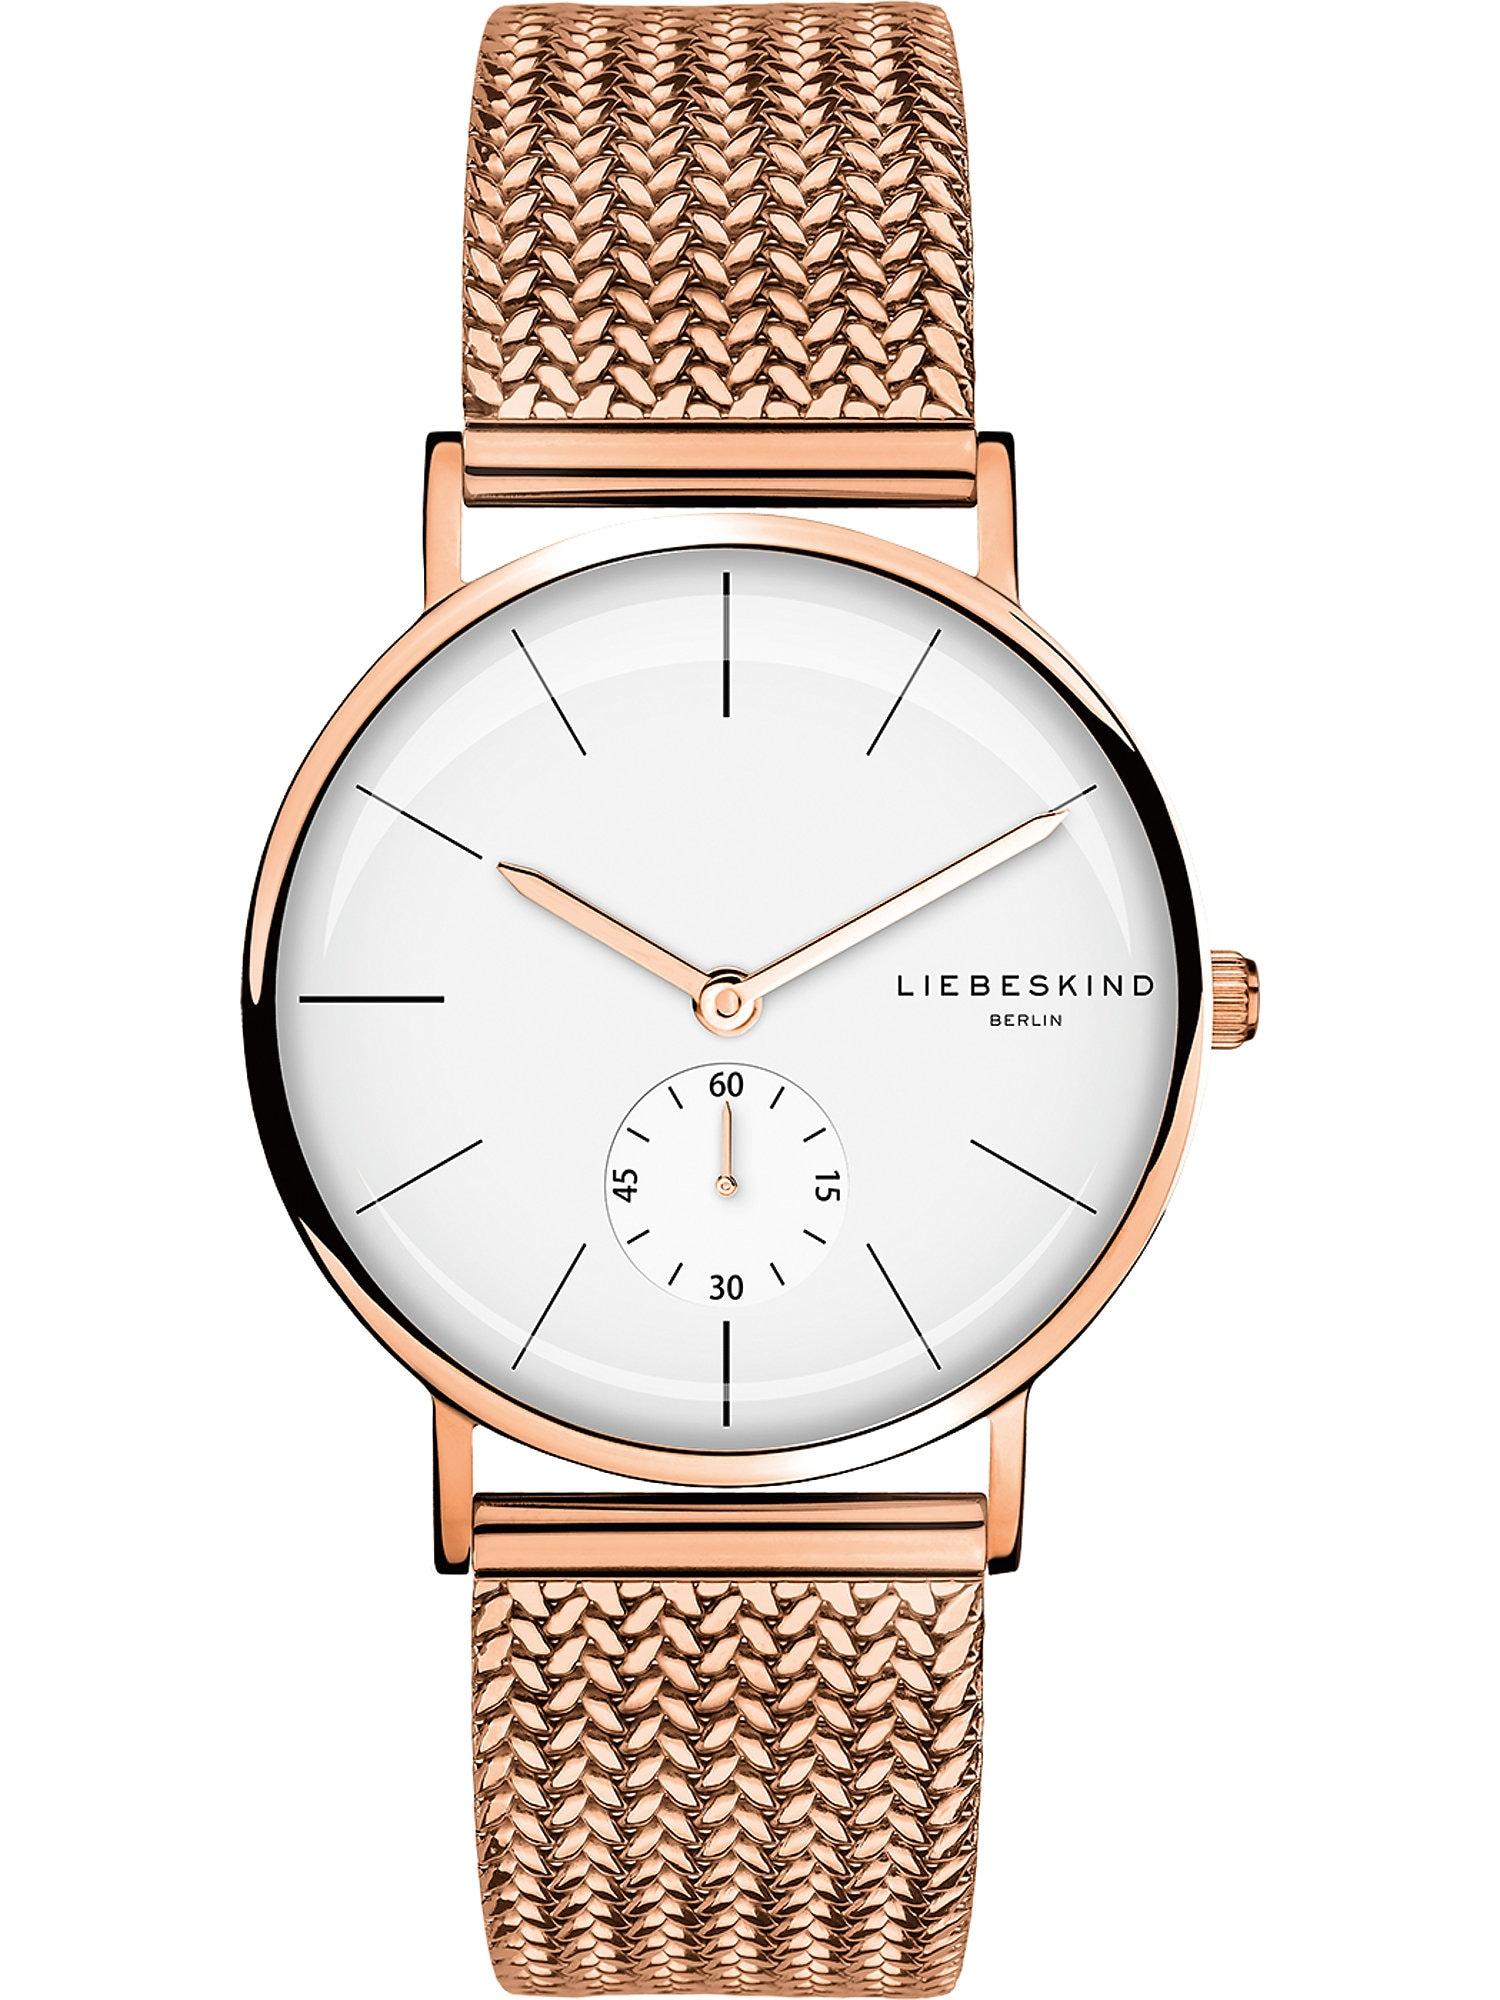 Quarzuhr   Uhren > Quarzuhren   liebeskind berlin